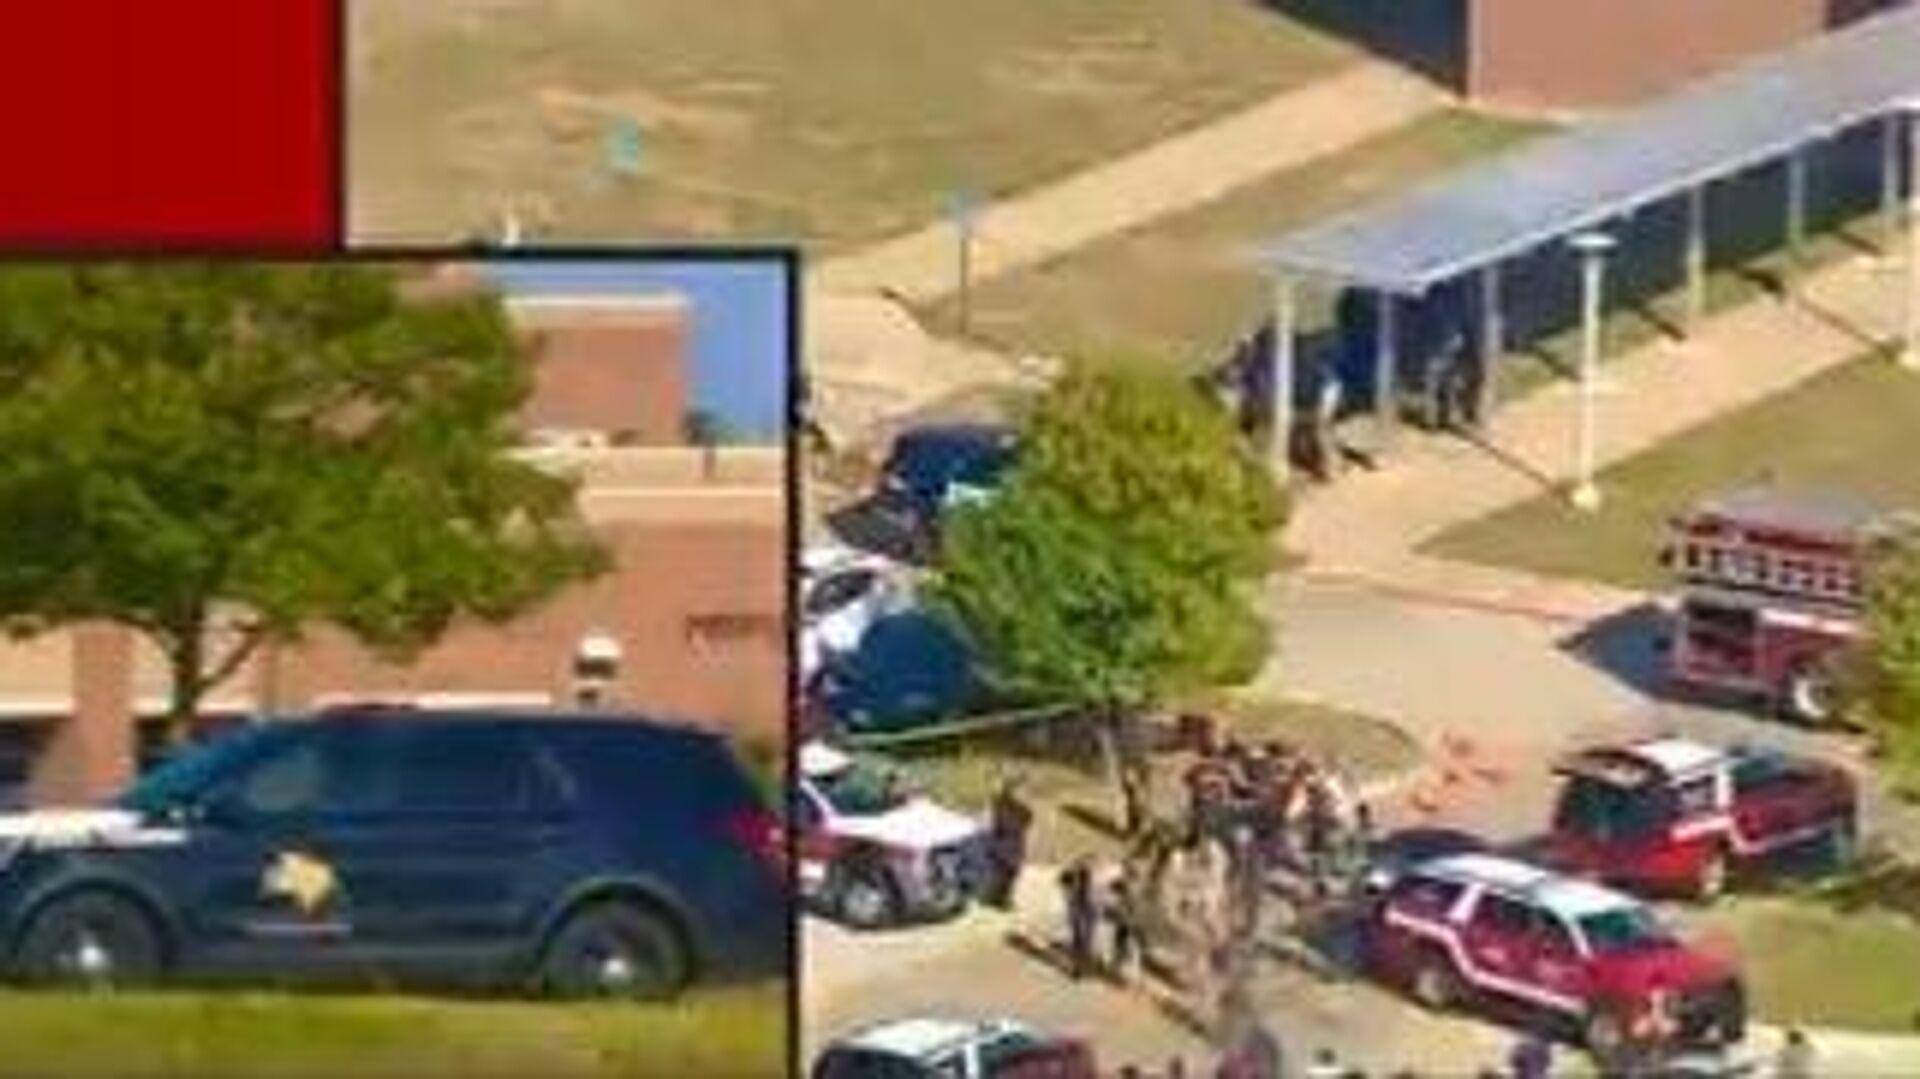 Πυροβολισμοί σε σχολείο στο Τέξας - Sputnik Ελλάδα, 1920, 06.10.2021